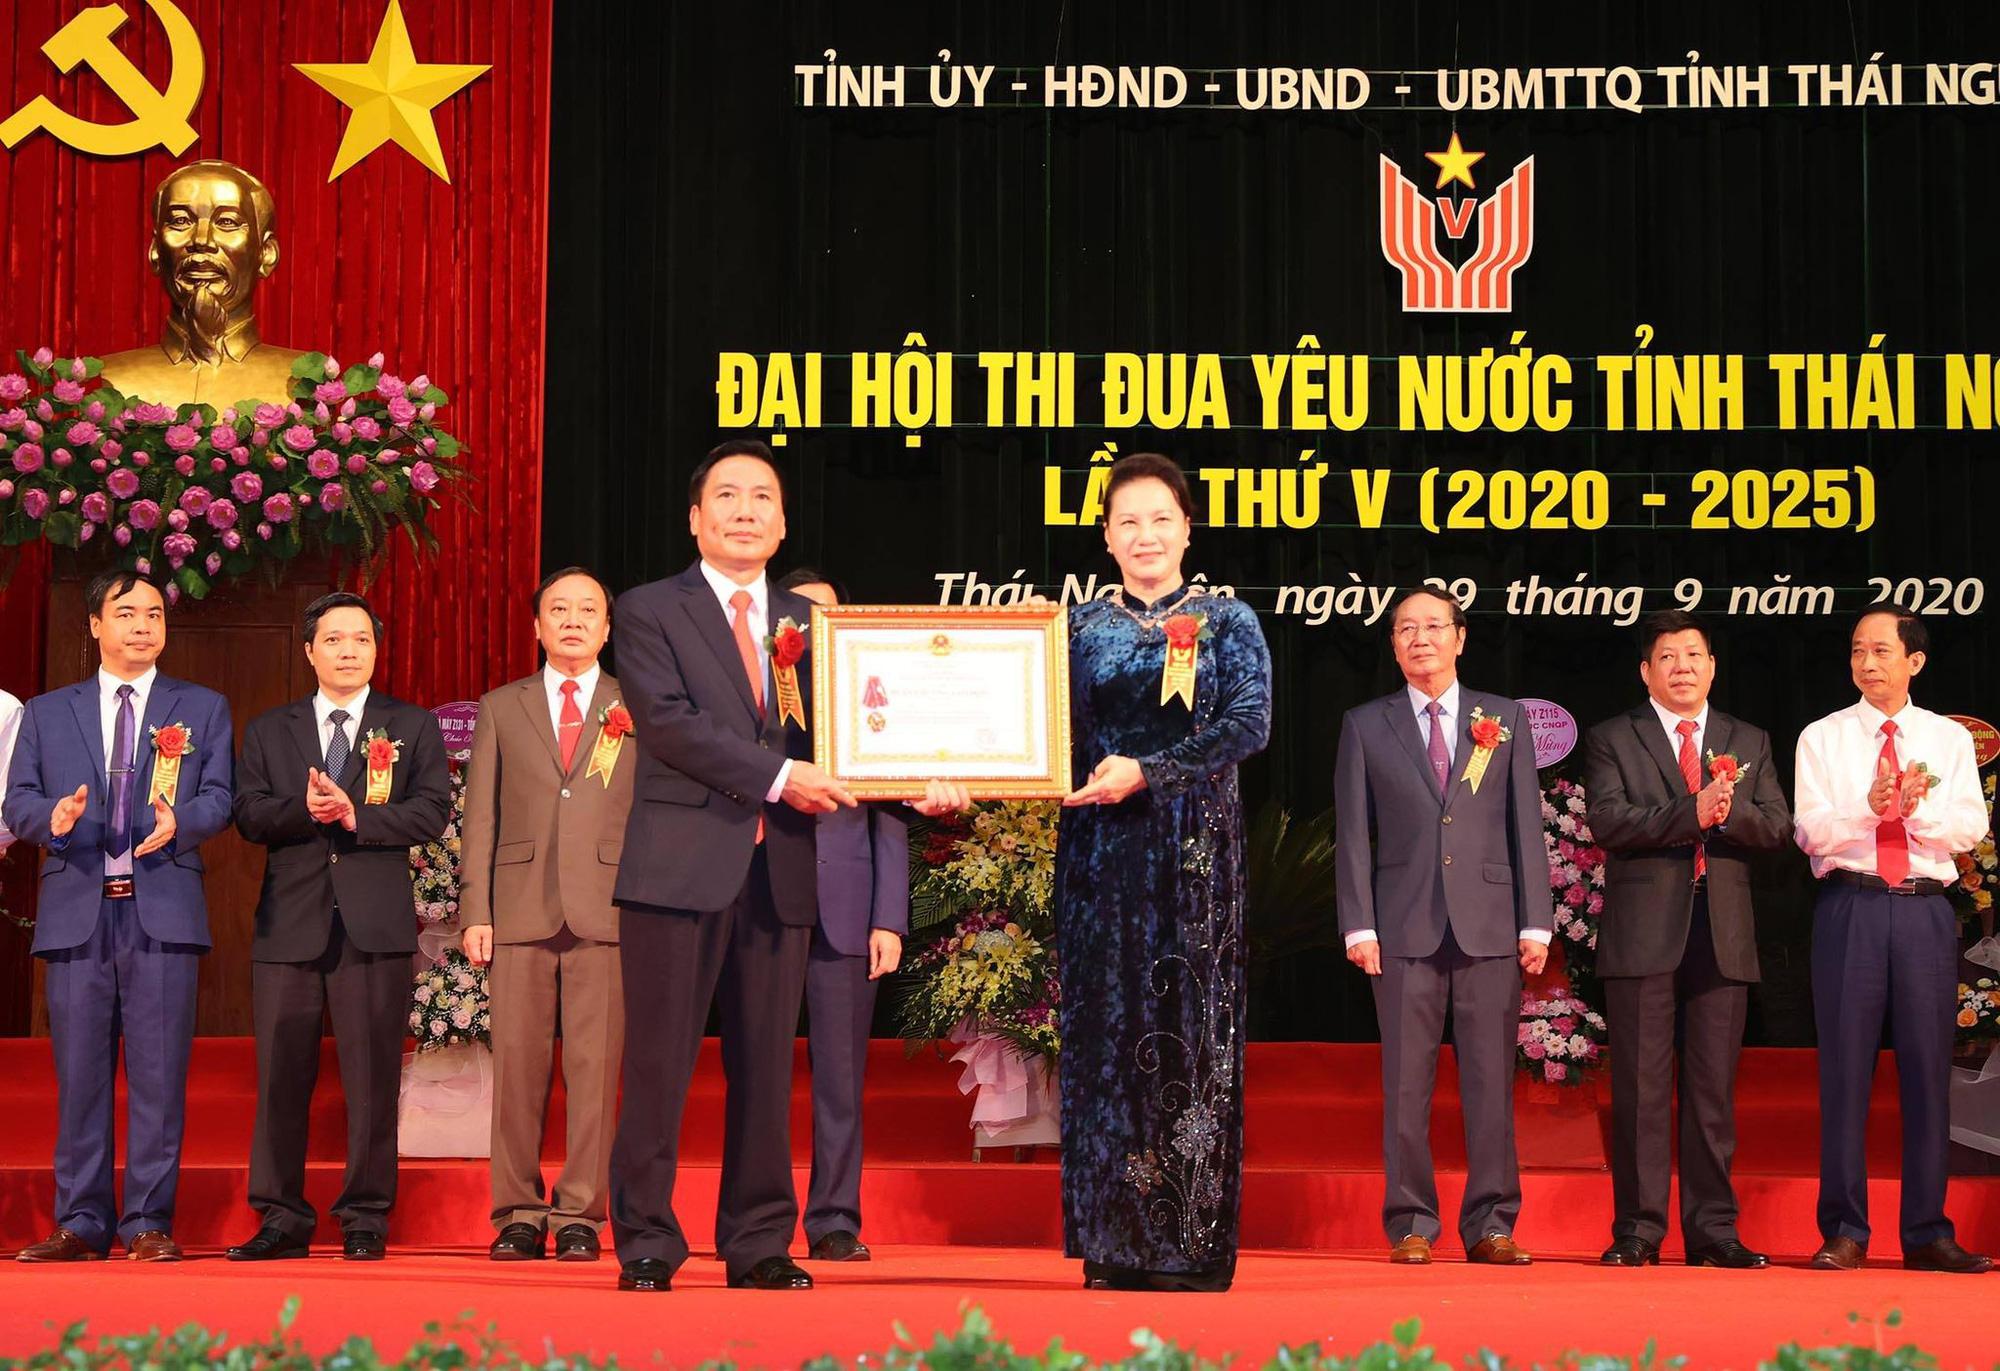 Chủ tịch Quốc hội: Thái Nguyên cần tiếp tục phát động phong trào thi đua rộng khắp - Ảnh 2.